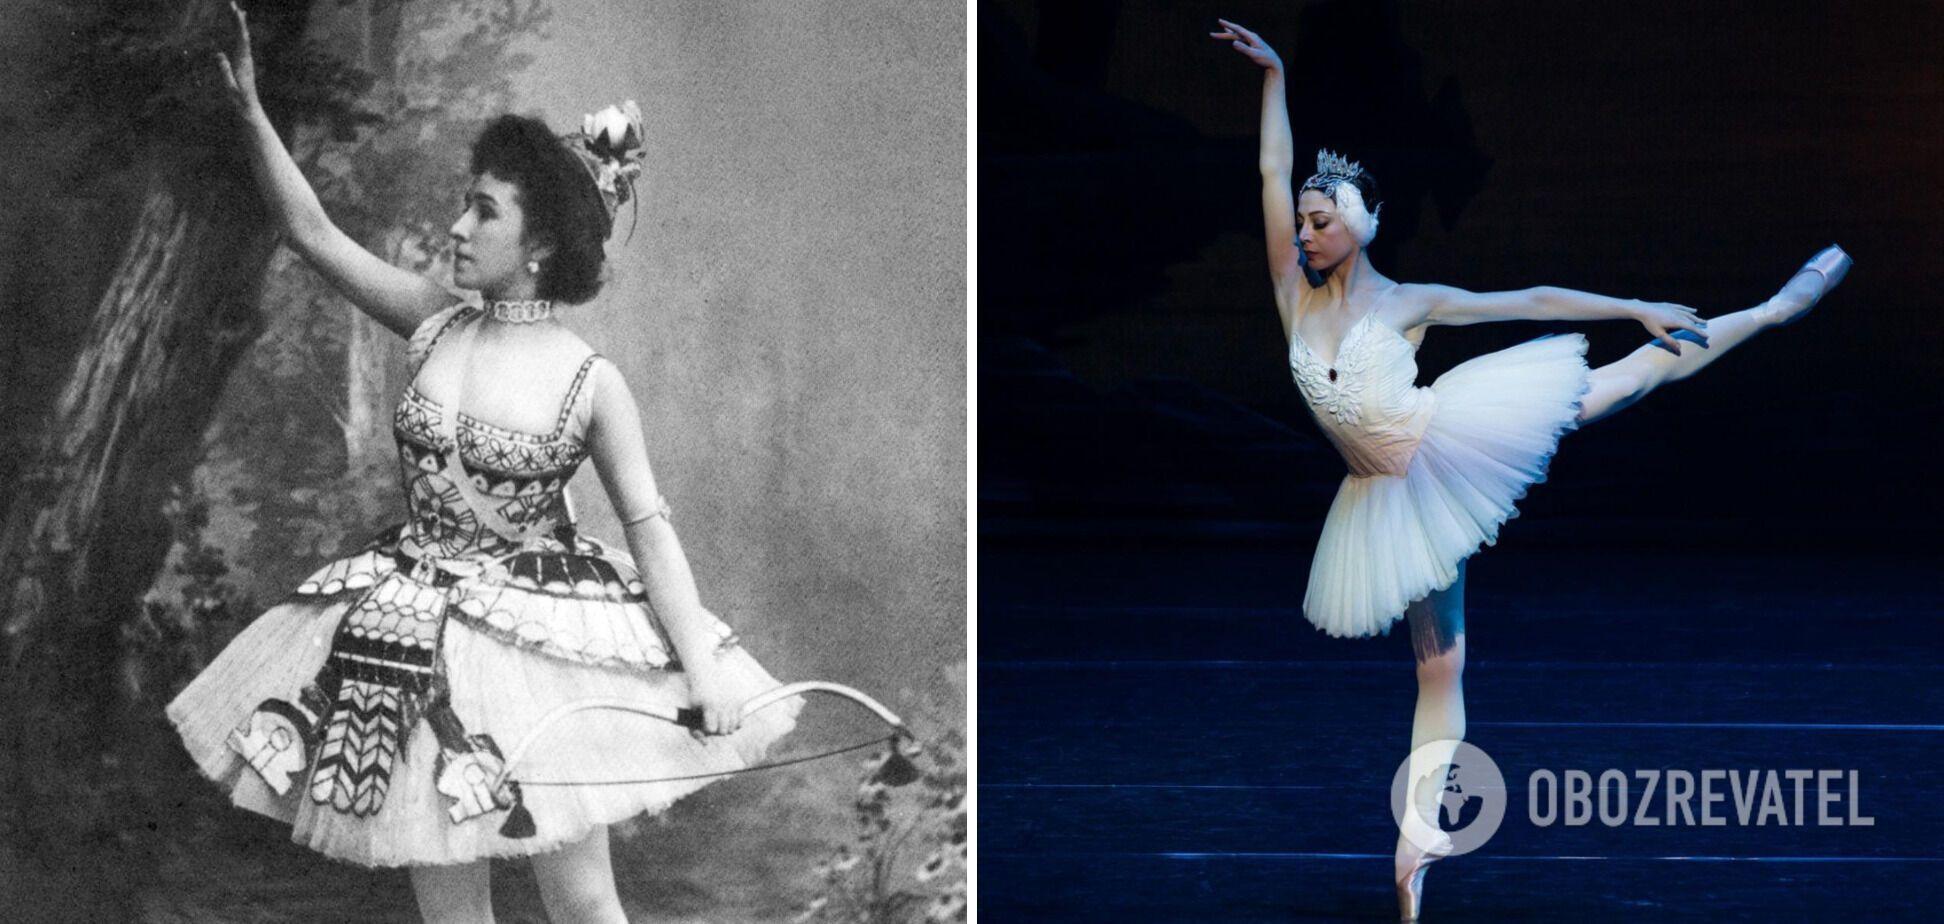 Балерина в XX веке и современная артистка театра.